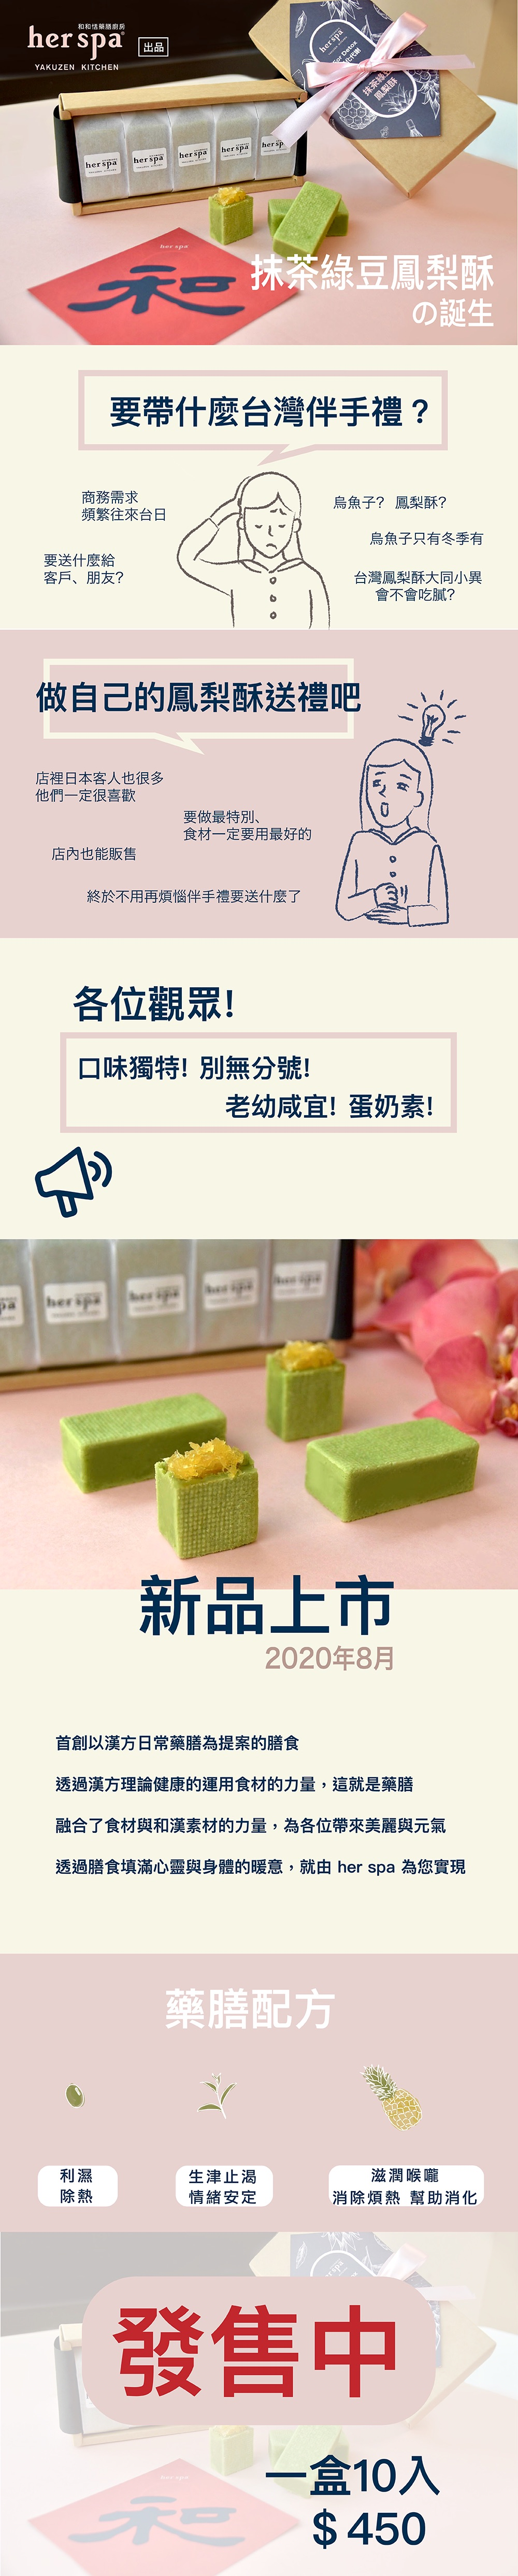 抹茶綠豆鳳梨酥  鳳梨酥 鳳梨酥禮盒  禮盒推薦  優惠禮盒